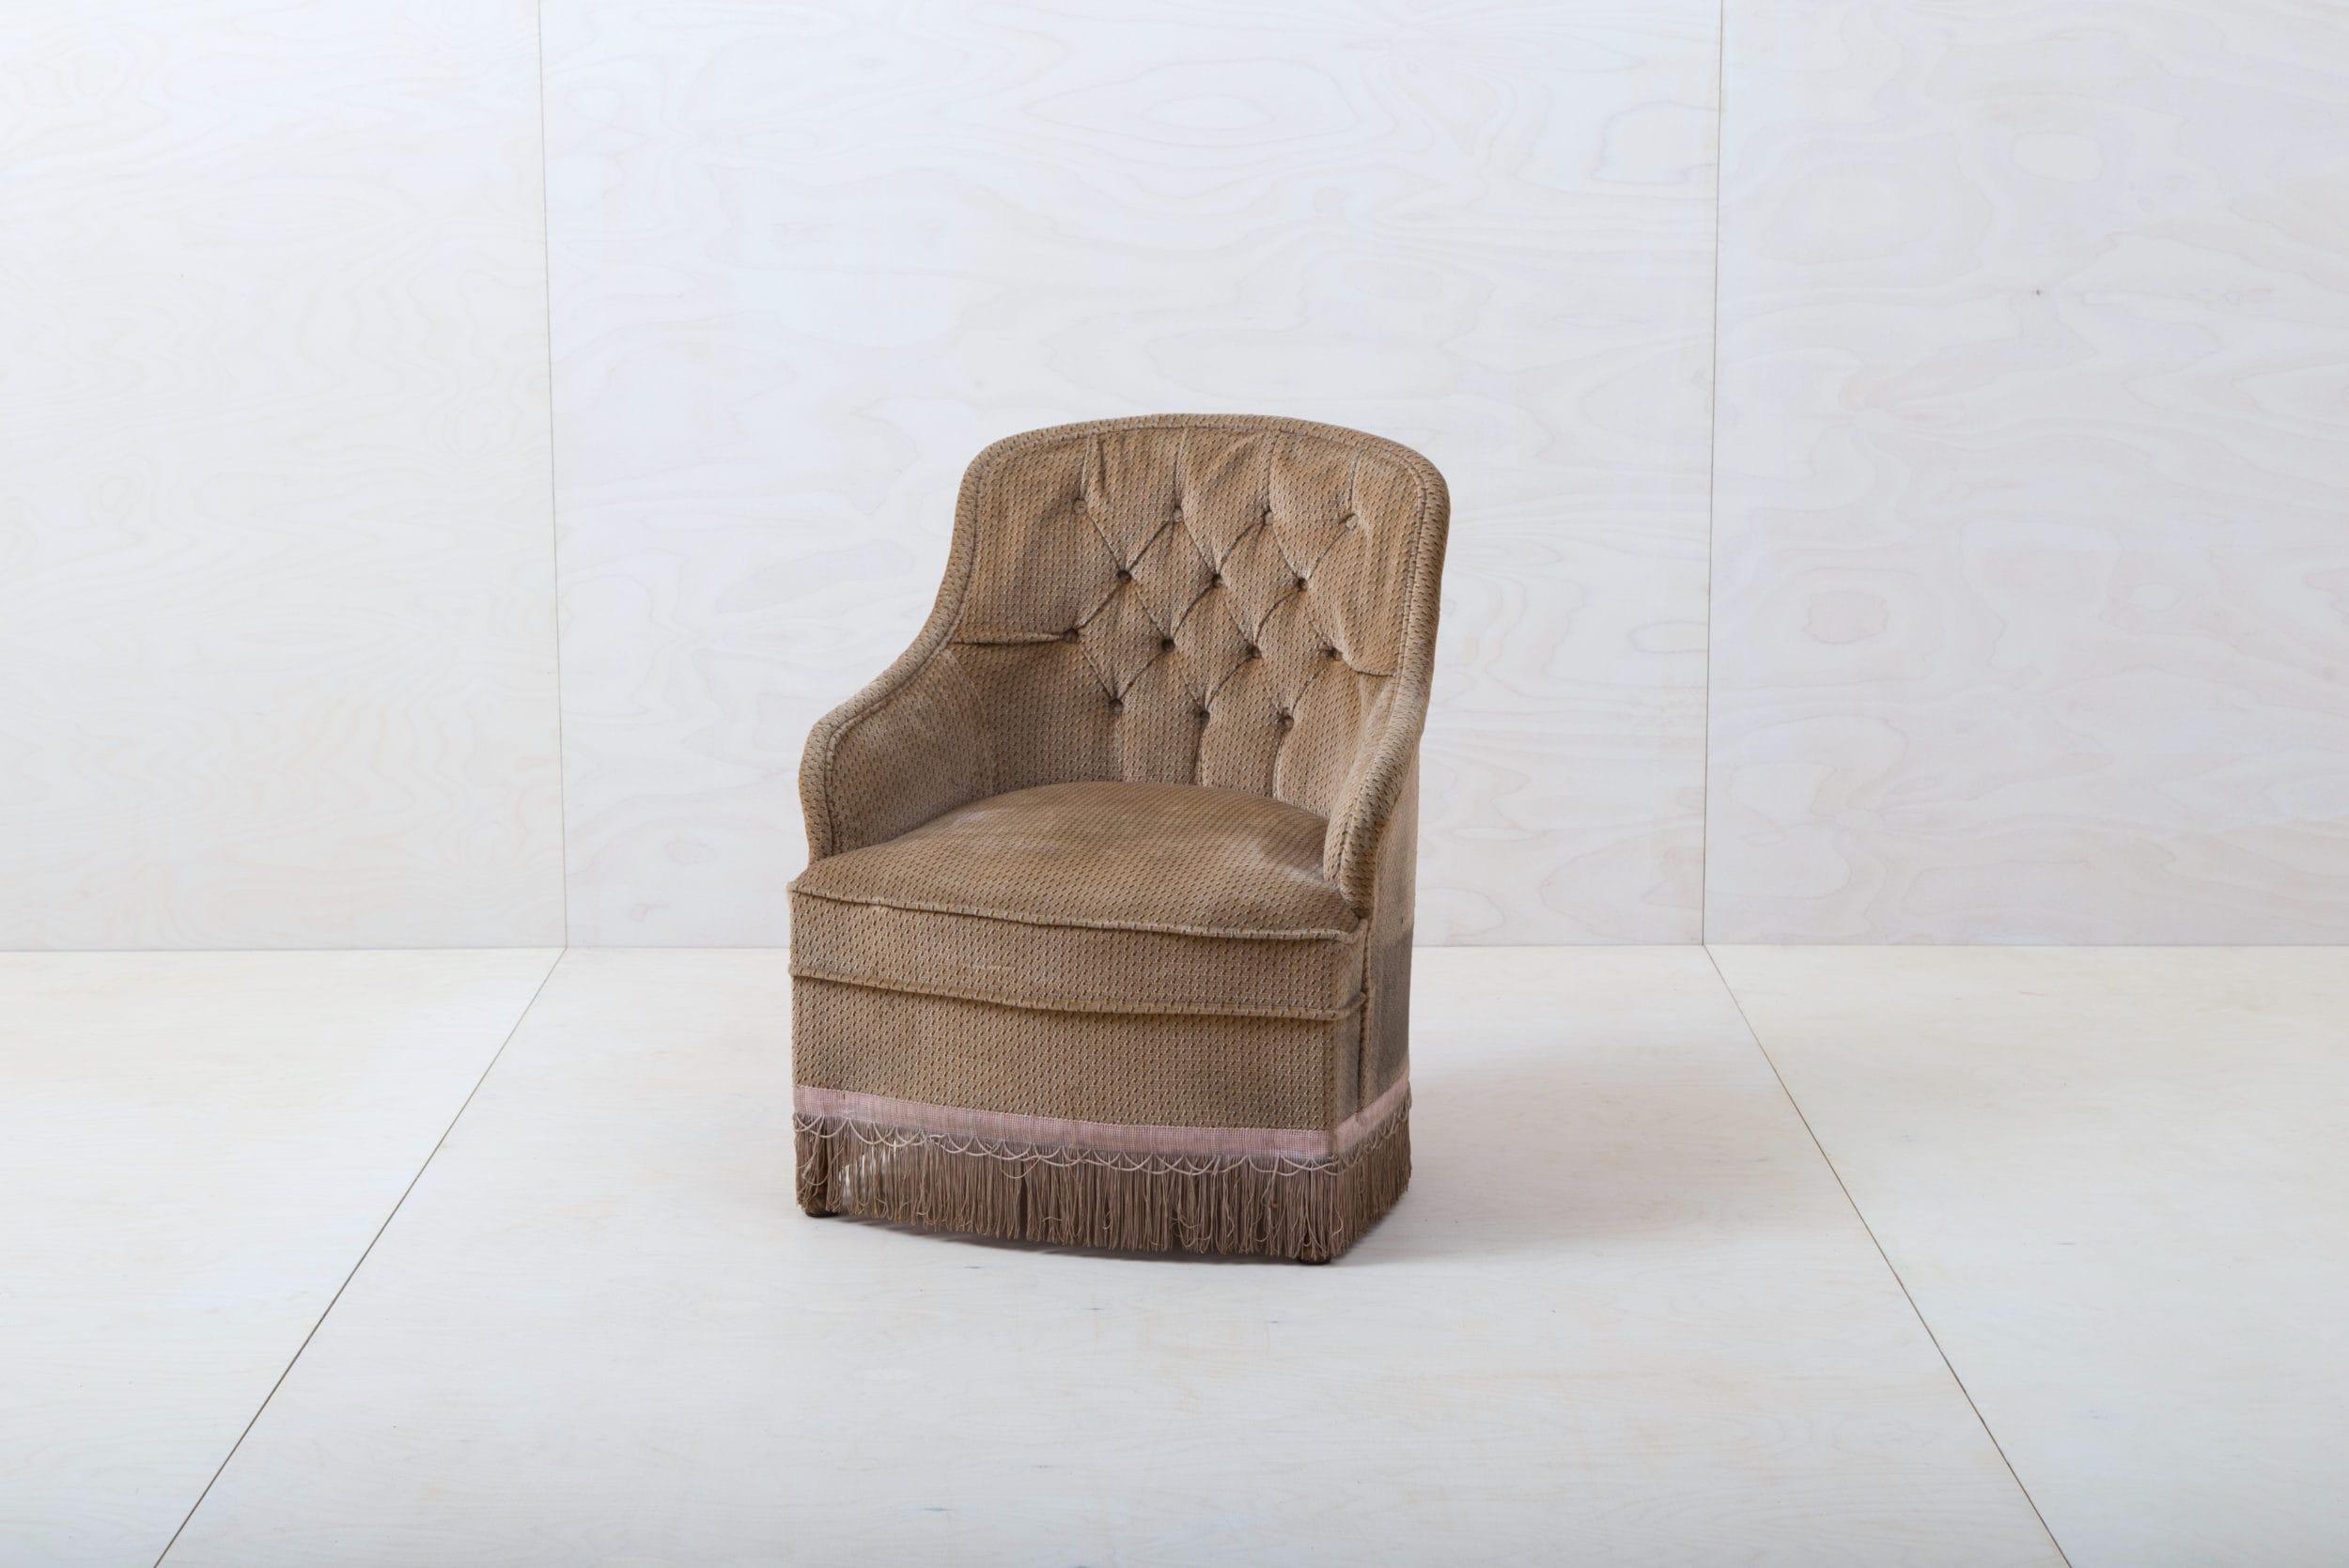 Sessel Pringles | Dieser elegante Sessel aus den 1960ern mit braunem Samtbezug lädt ein zum Verweilen und für entspannte Gespräche! Dazu passend gibt es unseren Sessel Pringles und die pinke Couch Candida, damit lässt sich die stilvolle Sitzecke vervollständigen. | gotvintage Rental & Event Design